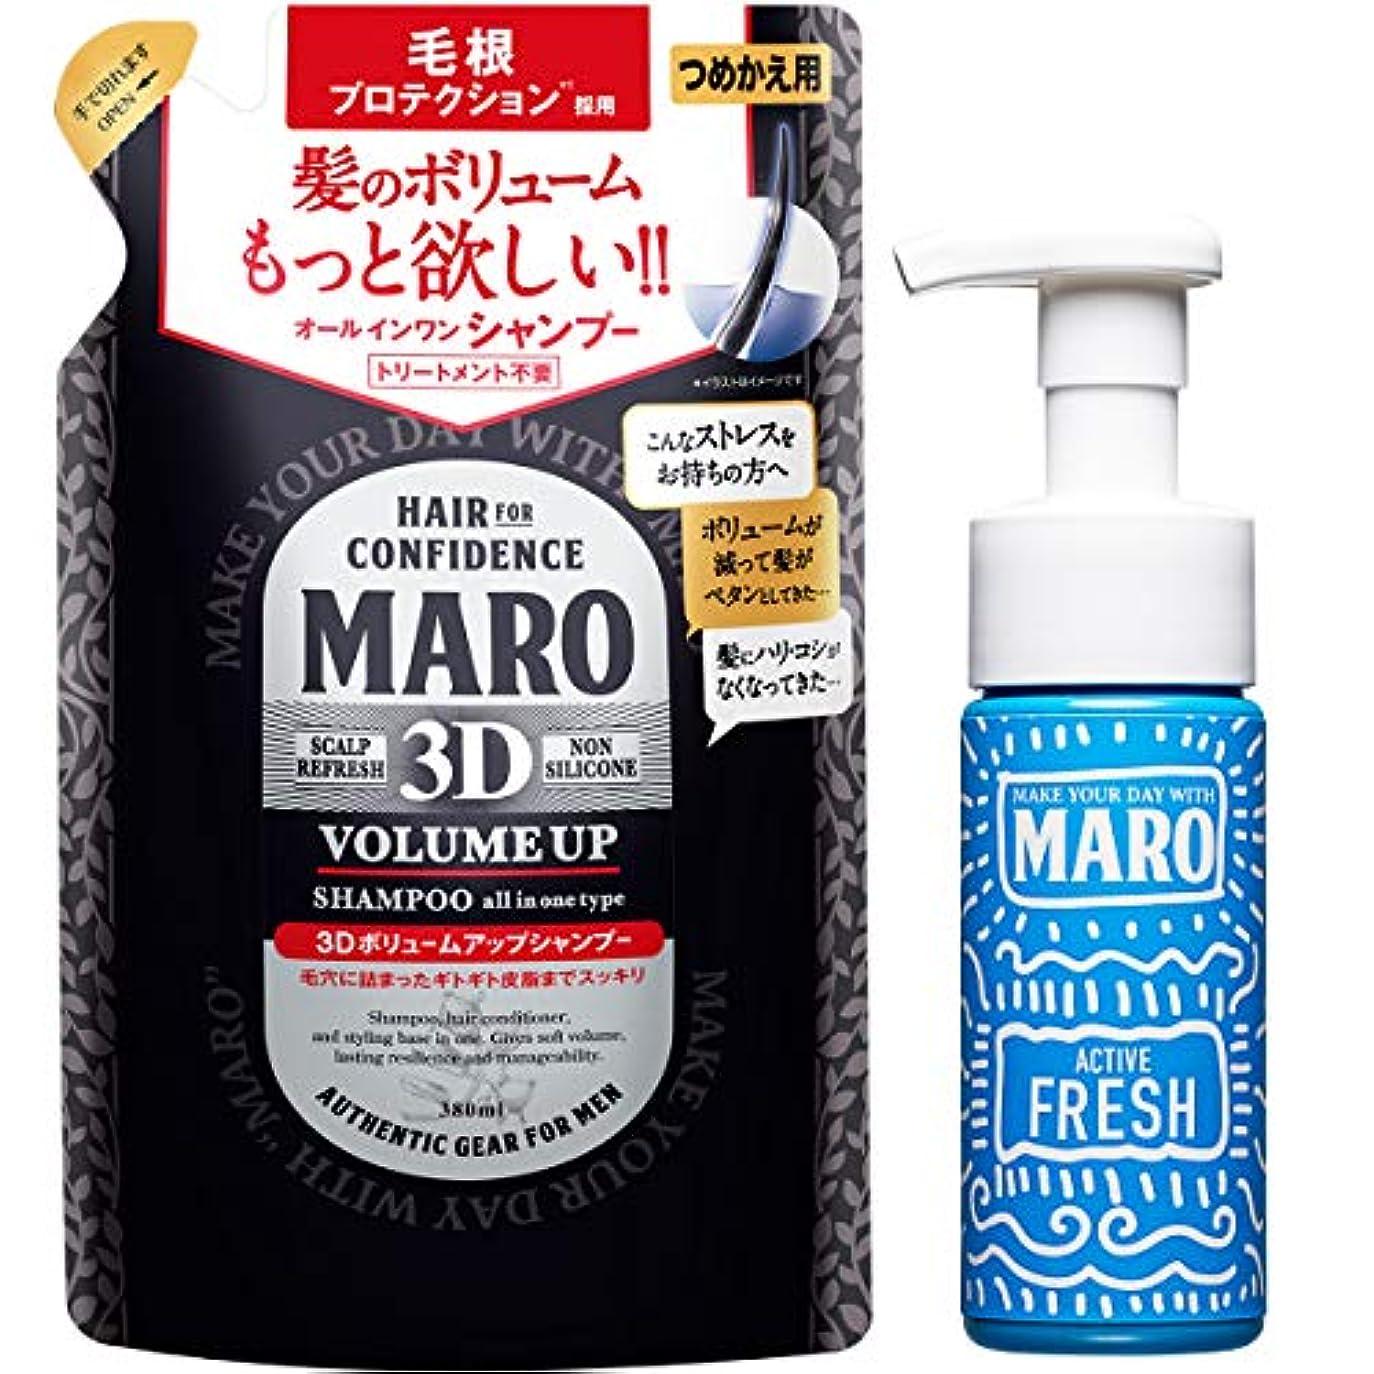 君主制黙認するしないでくださいMARO(マーロ) 3Dシャンプー 泡洗顔付き セット 380ml+泡洗顔150ml